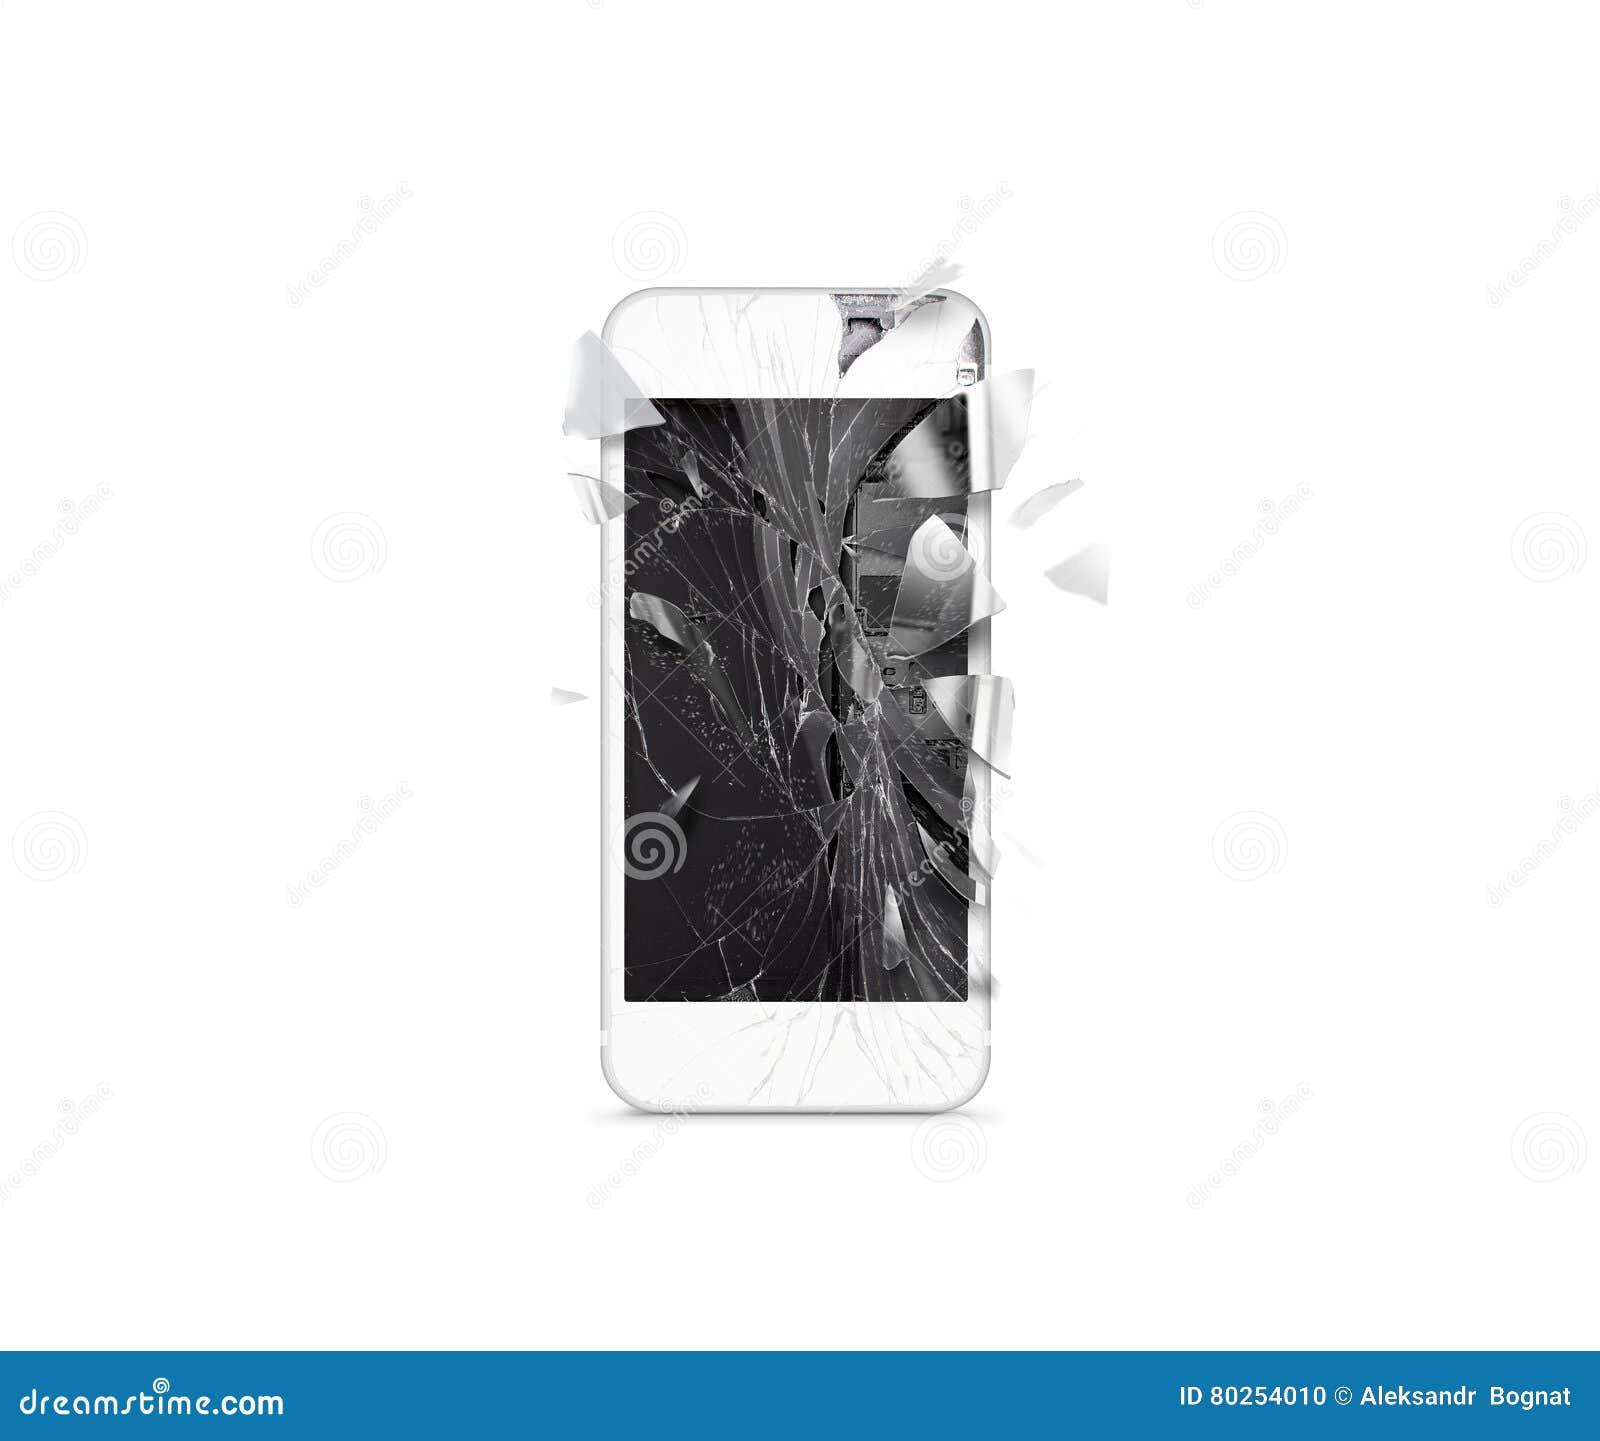 Schermo mobile rotto del telefono cellulare, cocci sparsi, isolati